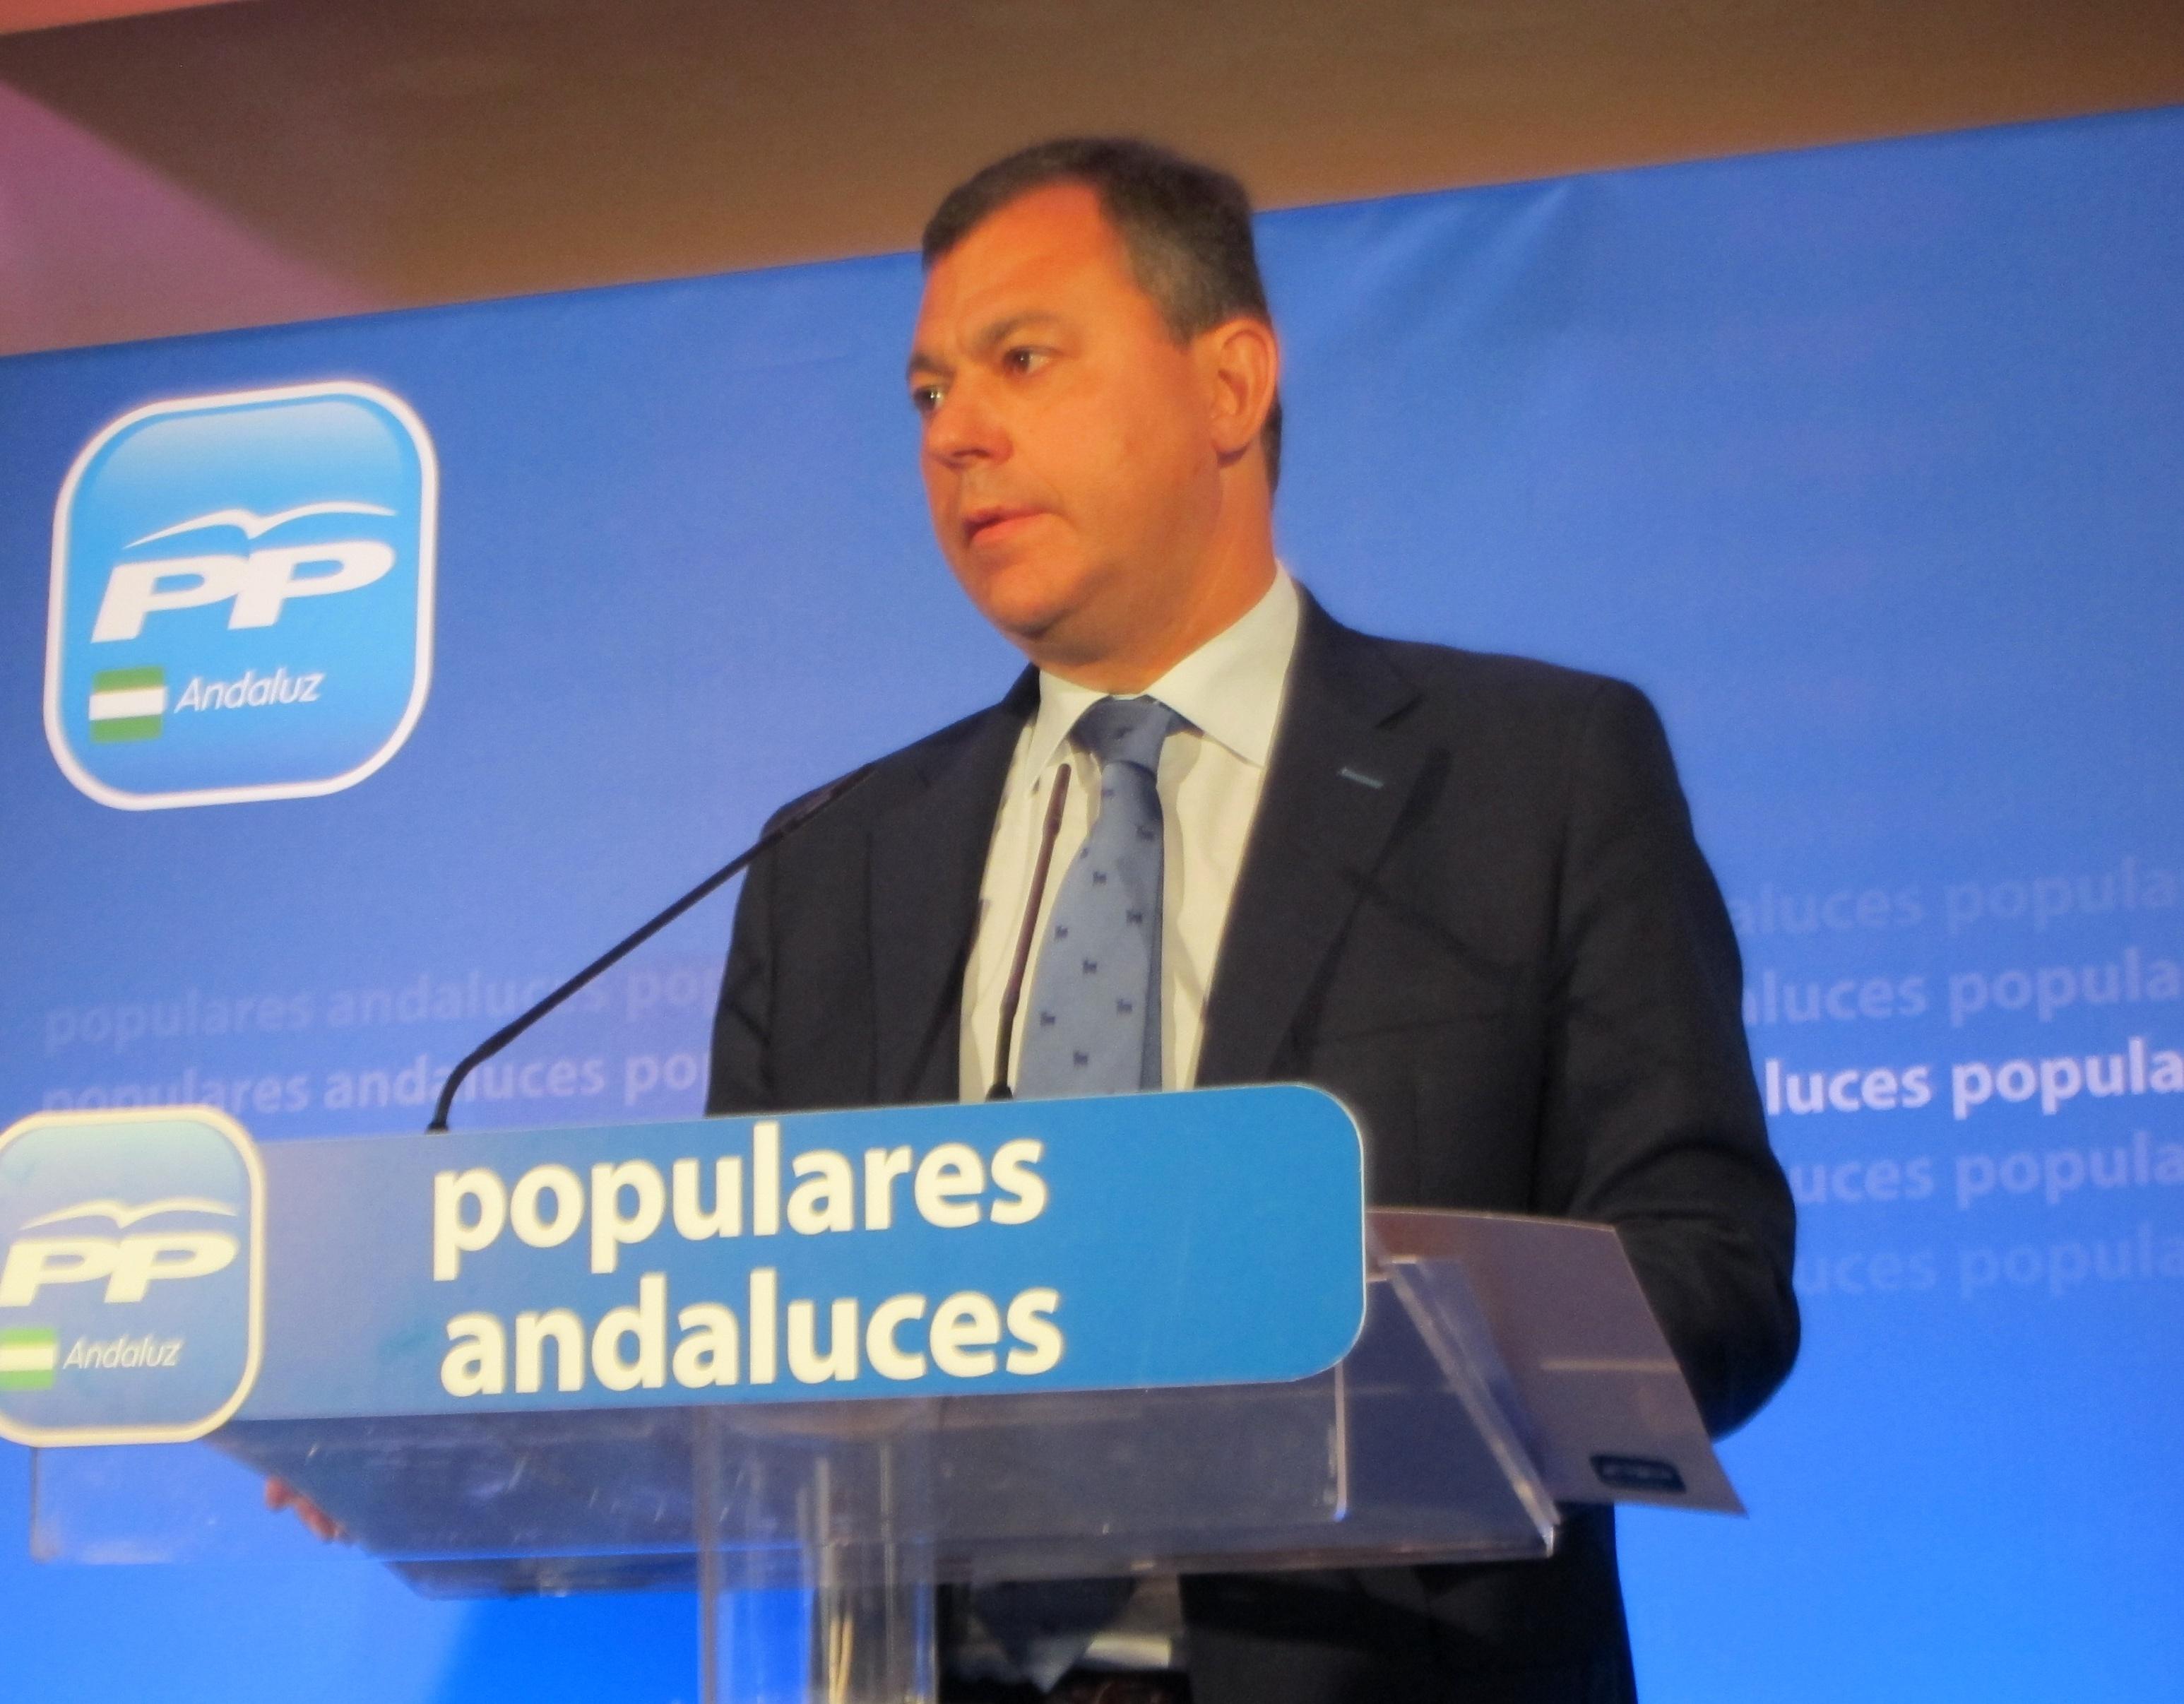 PP-A avisa a Ávila de que el Gobierno ha invertido en 2012 un 18,6% en Andalucía, un 0,8% más de lo que fija el Estatuto